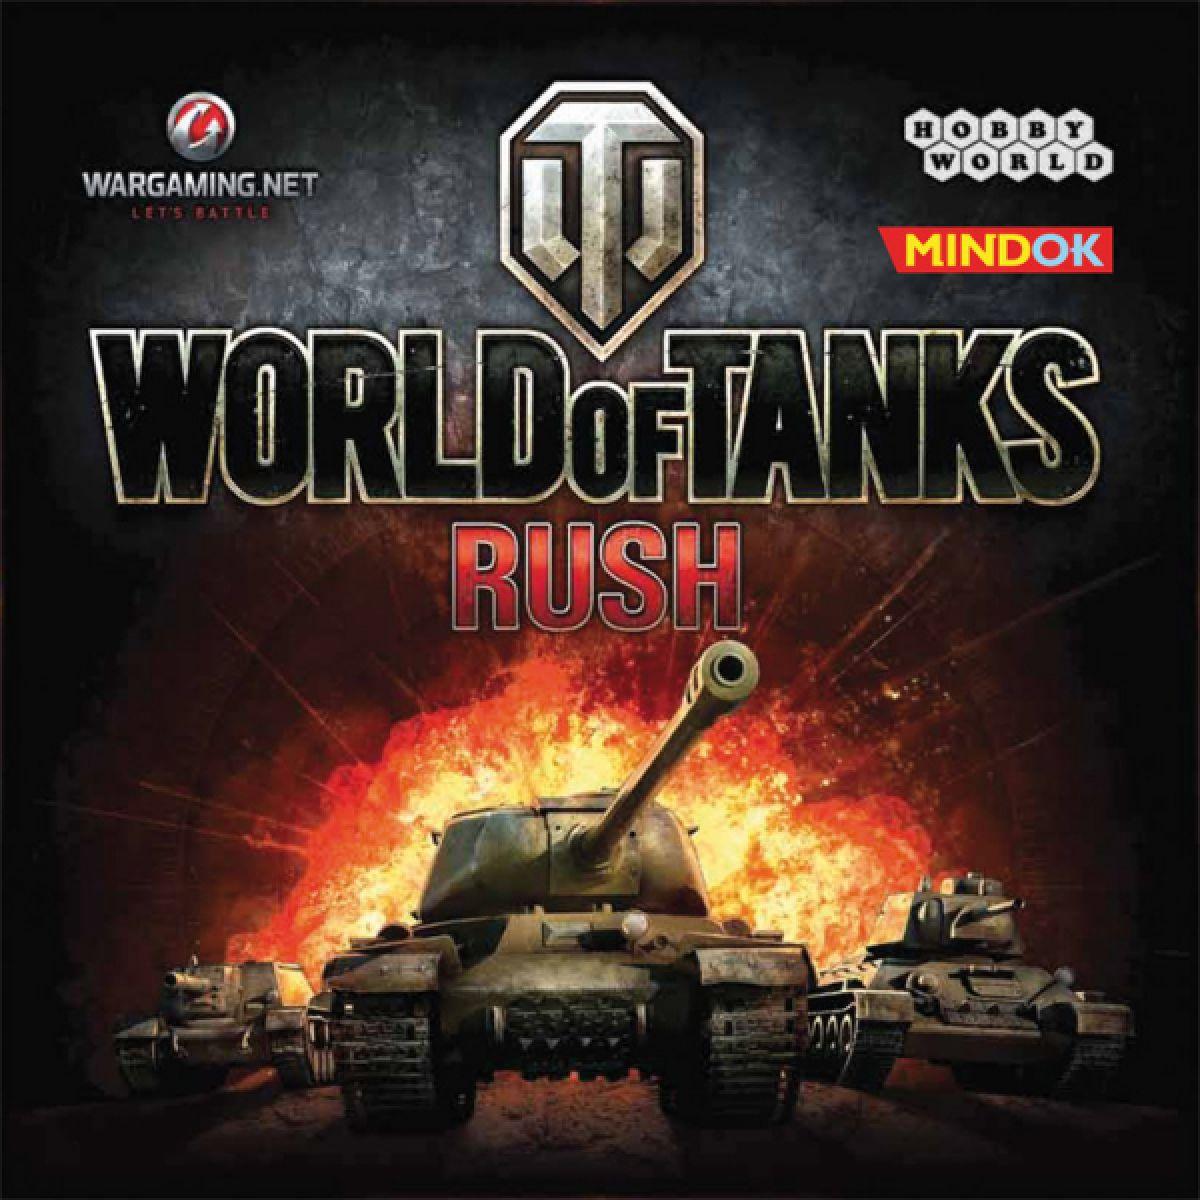 Mindok World of Tank: Rush